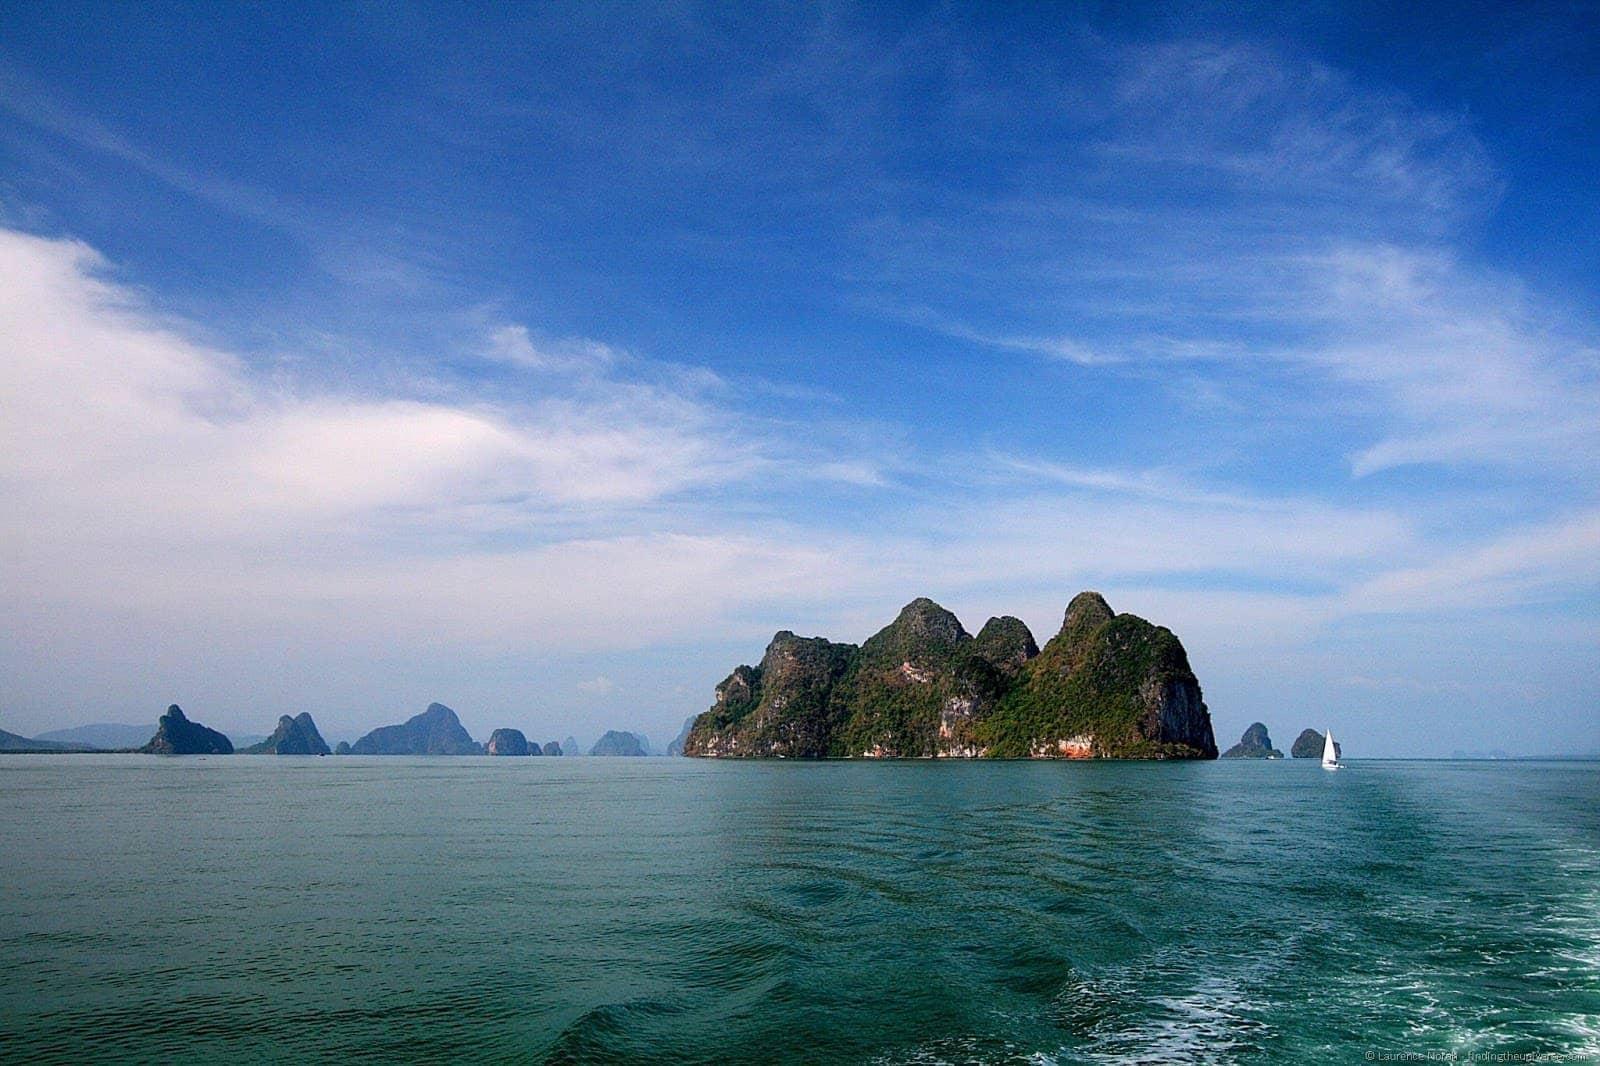 Islands of Ao Phang Nga National Park Thailand